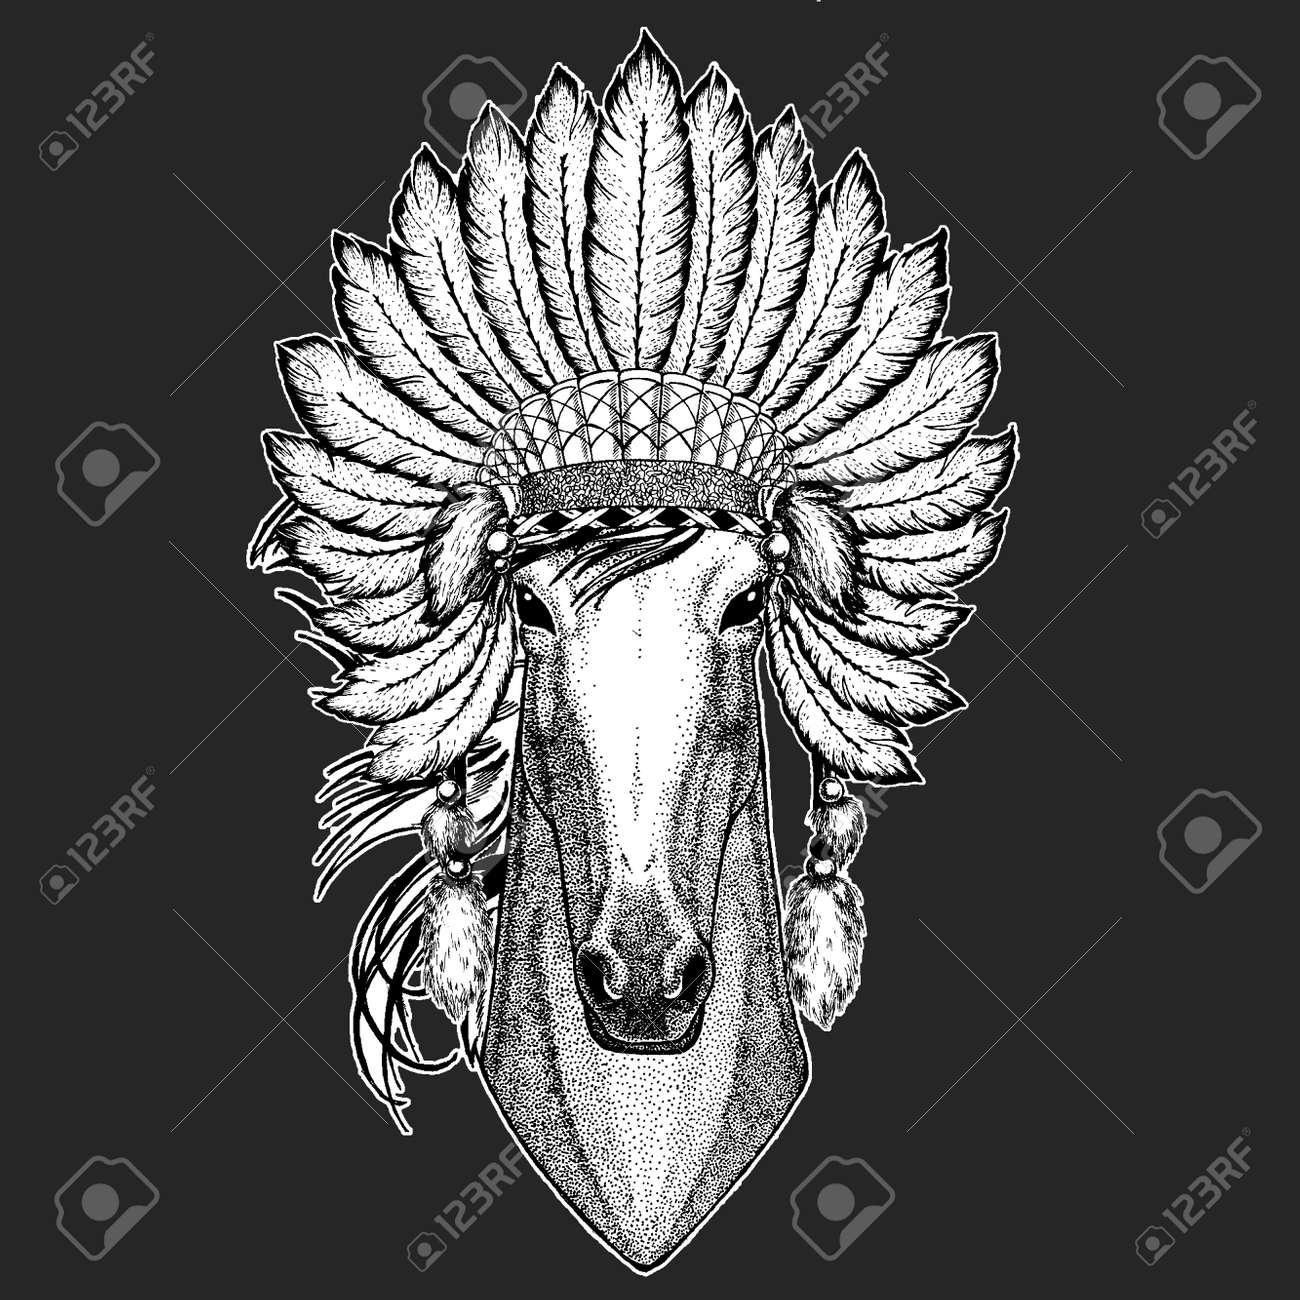 57a6c2624f2 Horse